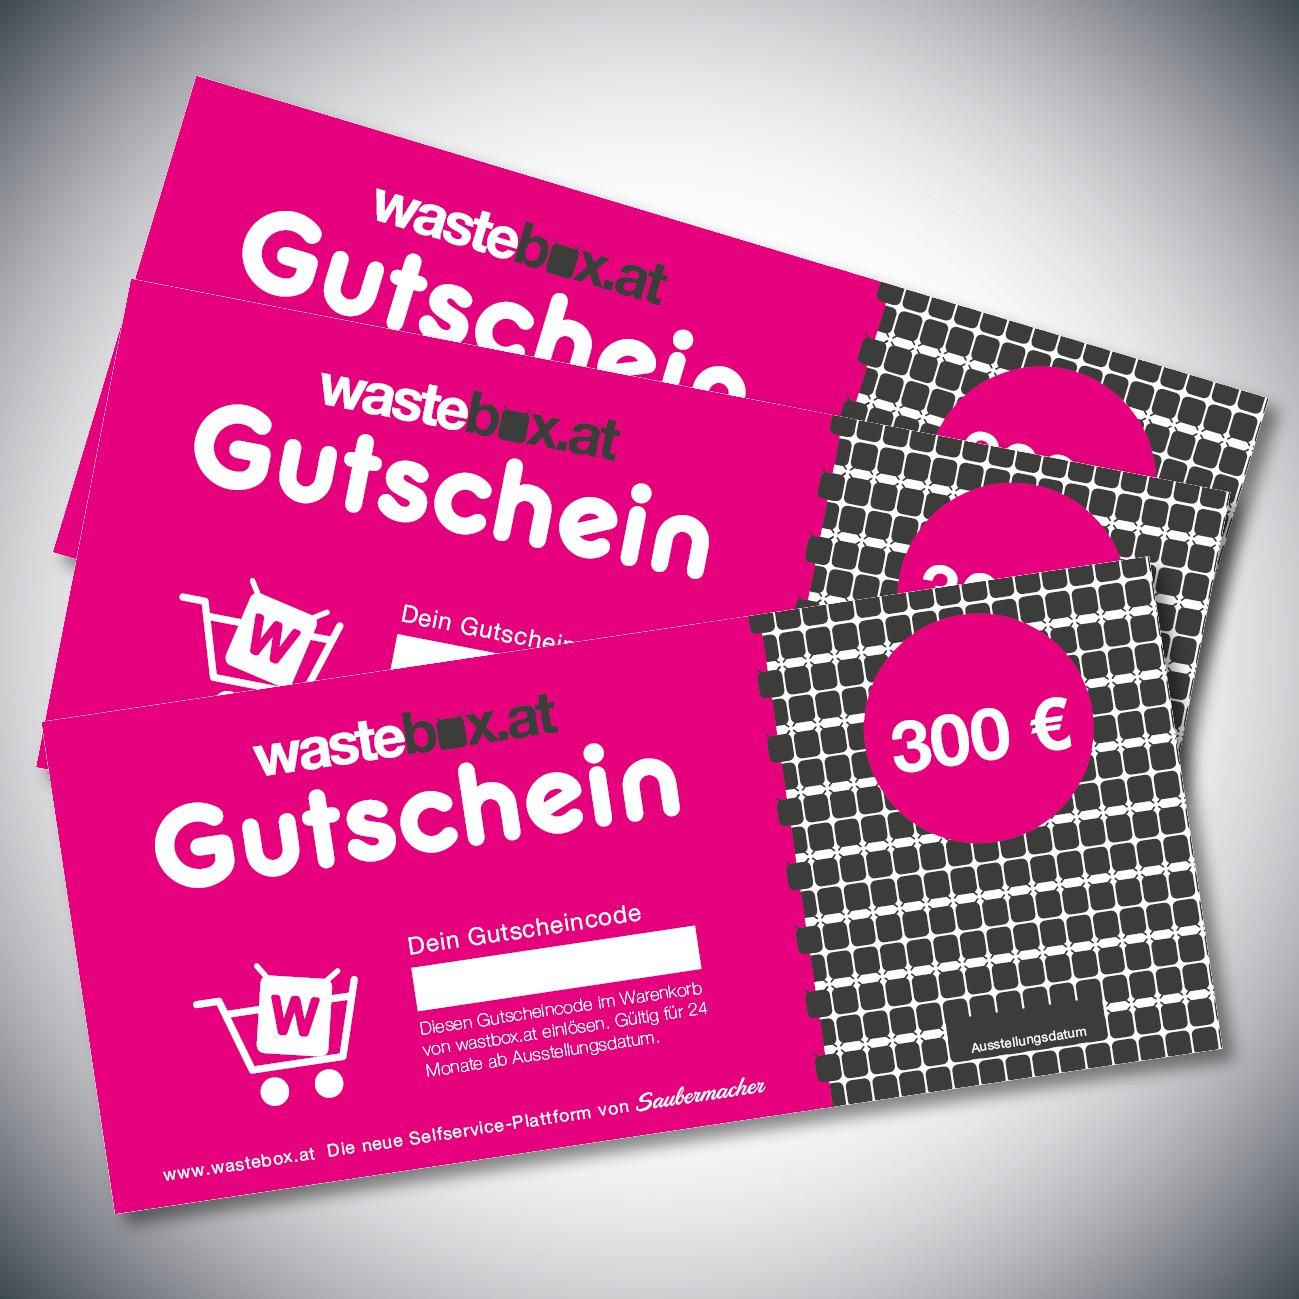 Gutschein 300 Euro